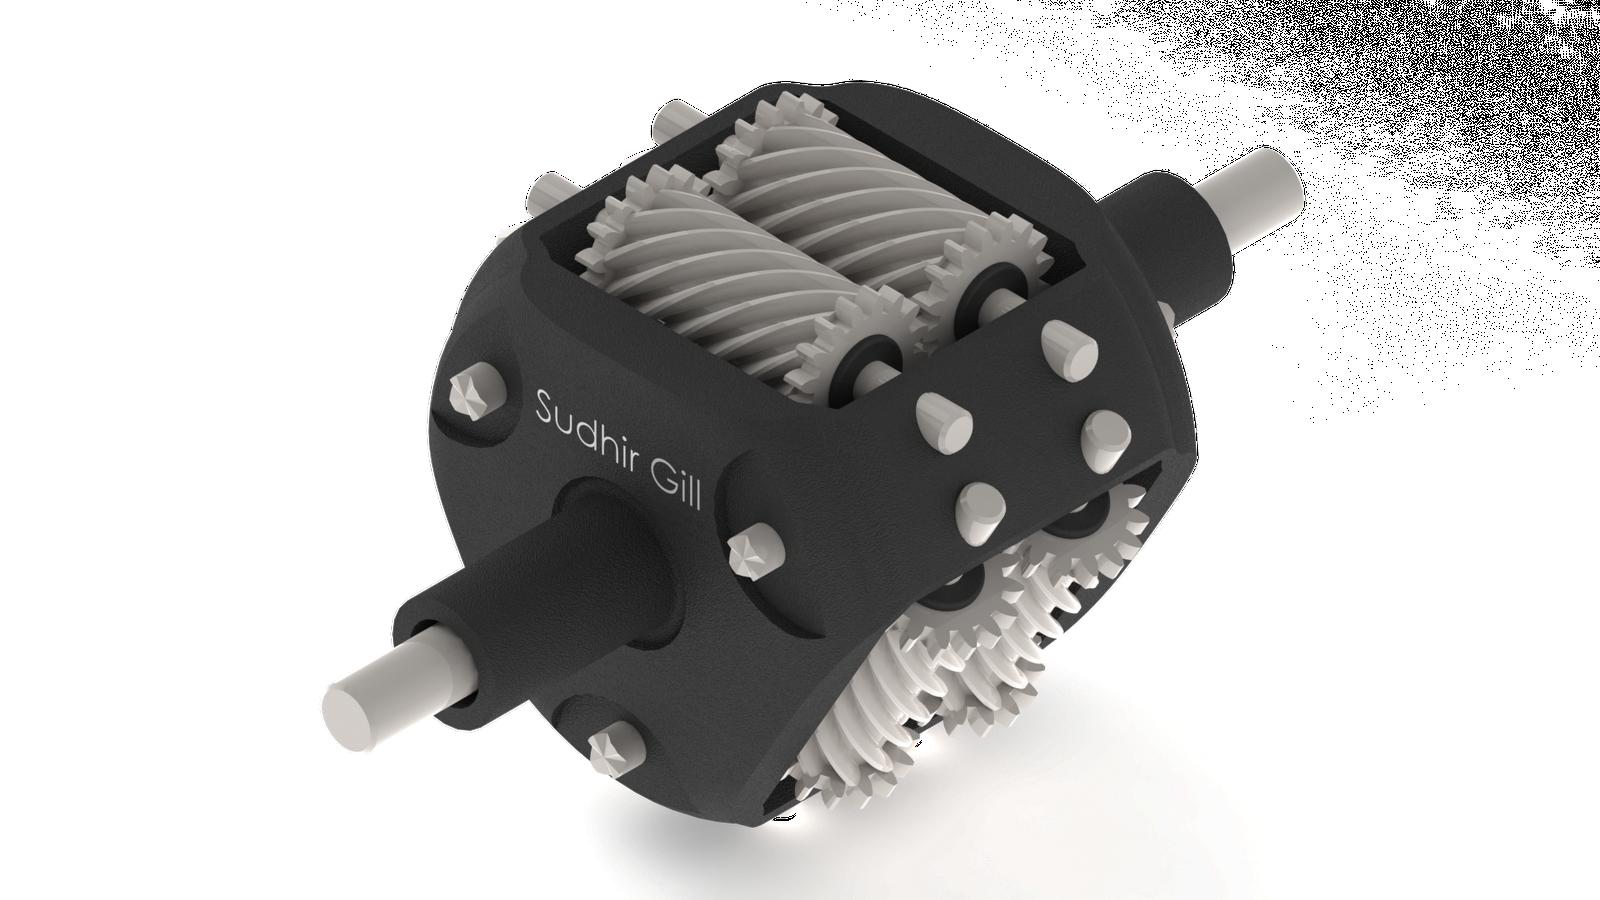 audi 4 2 engine diagram audi 2 0t engine diagram wiring